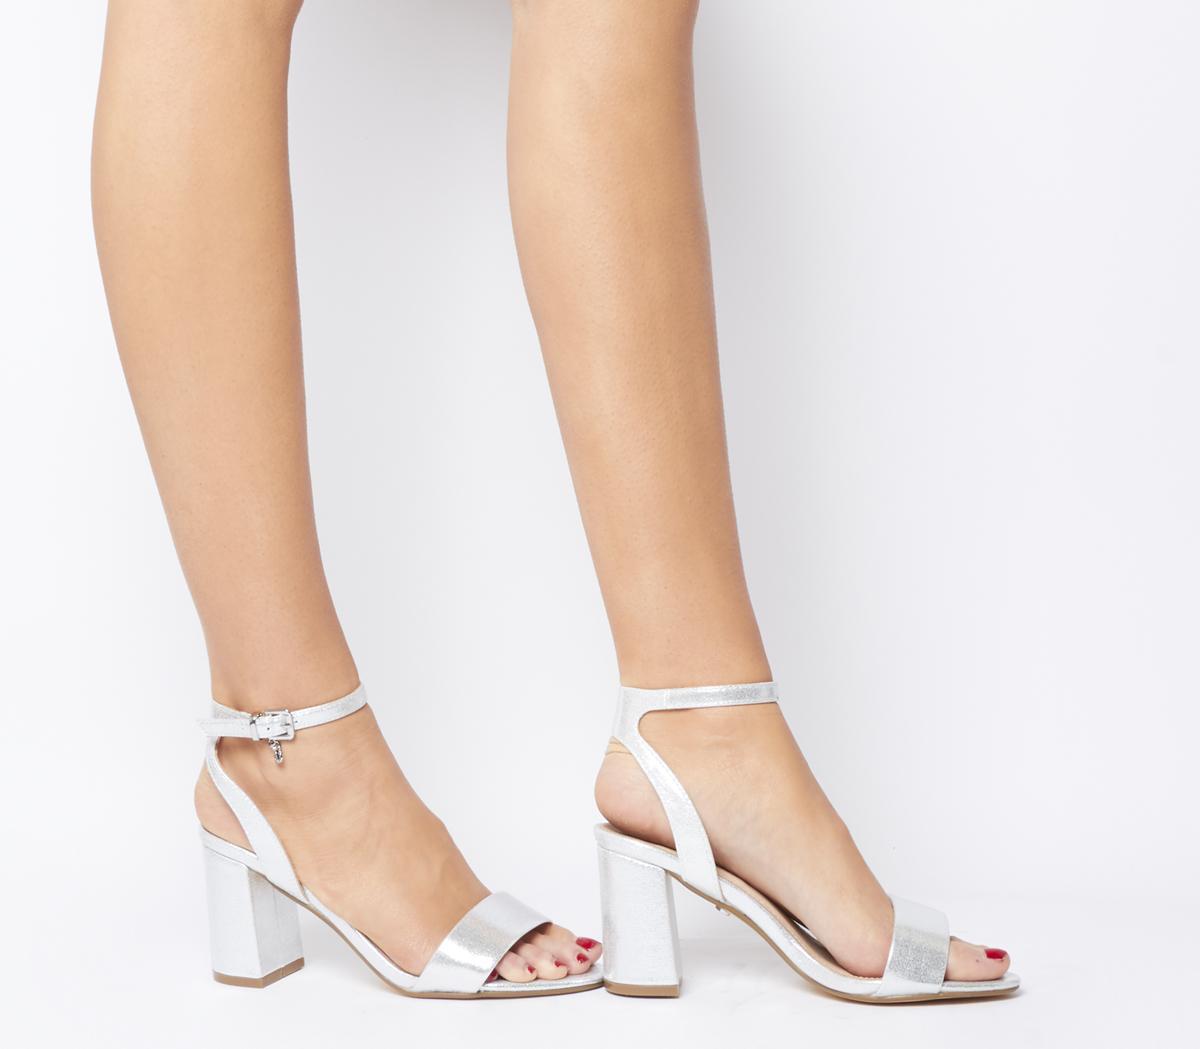 Marigold Strappy Heels